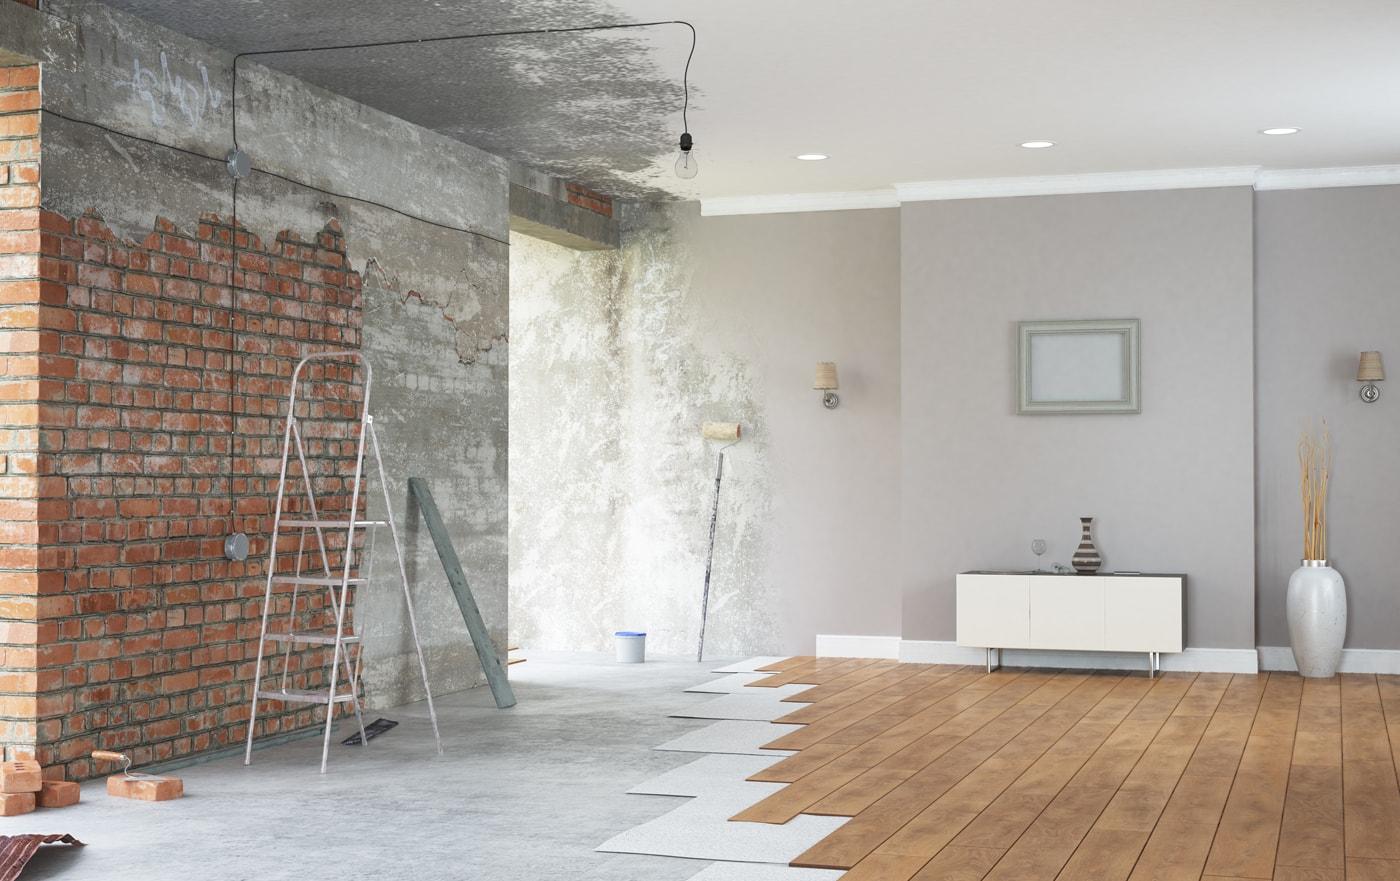 Вложиться в ремонт квартиры для аренды, чтобы зарабатывать больше. Есть ли смысл?